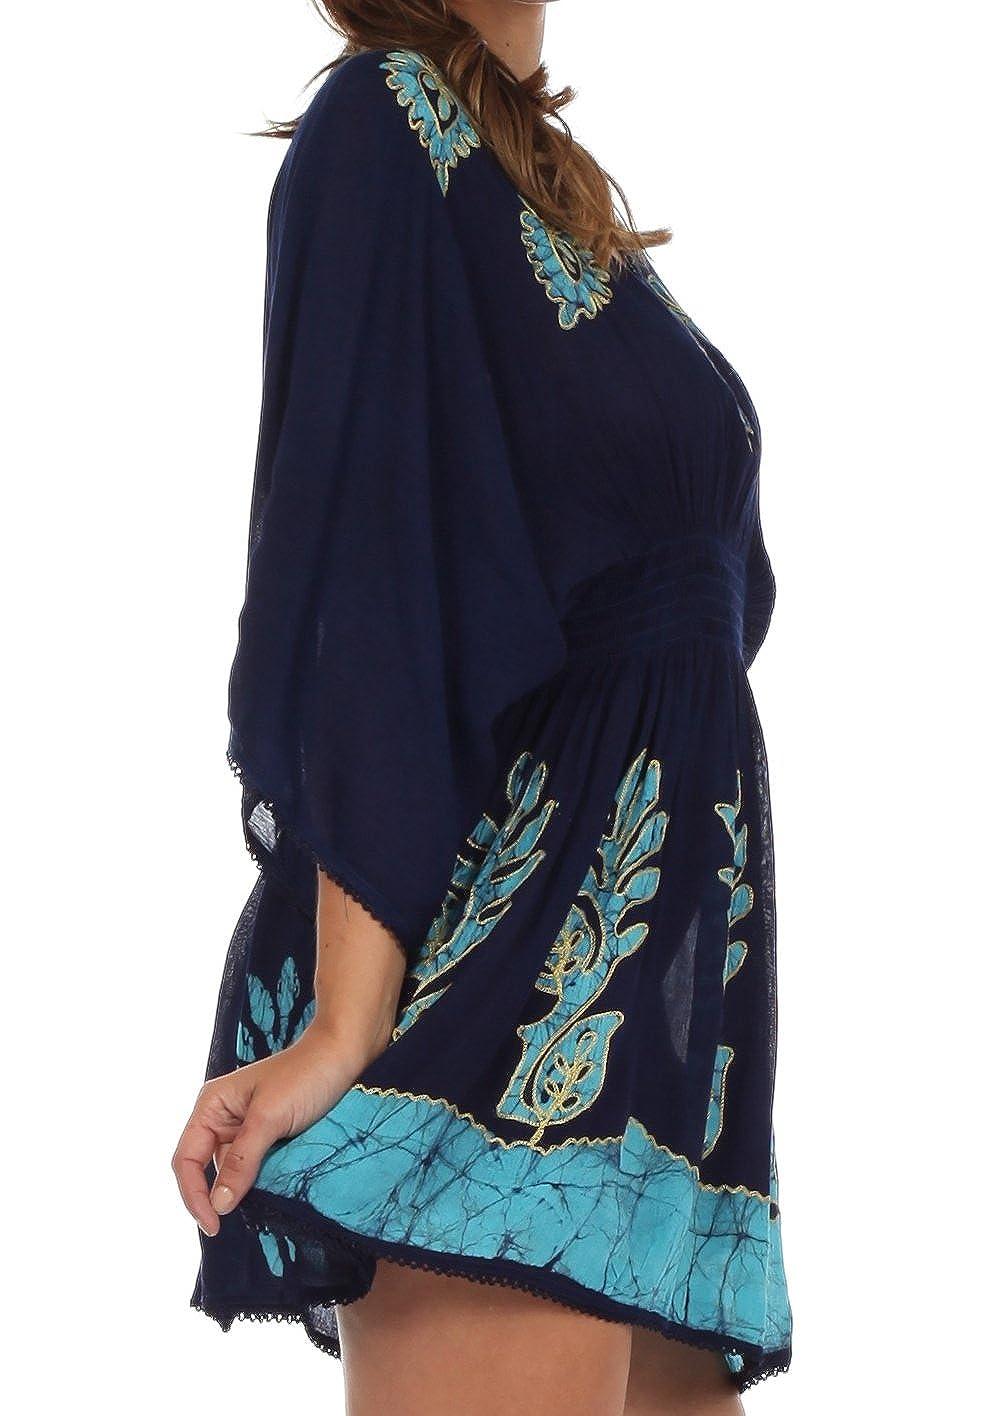 Sakkas 982 Bordado batik Gauzy algodón túnica de la blusa - Azul/Turquesa - Un tamaño: Amazon.es: Ropa y accesorios